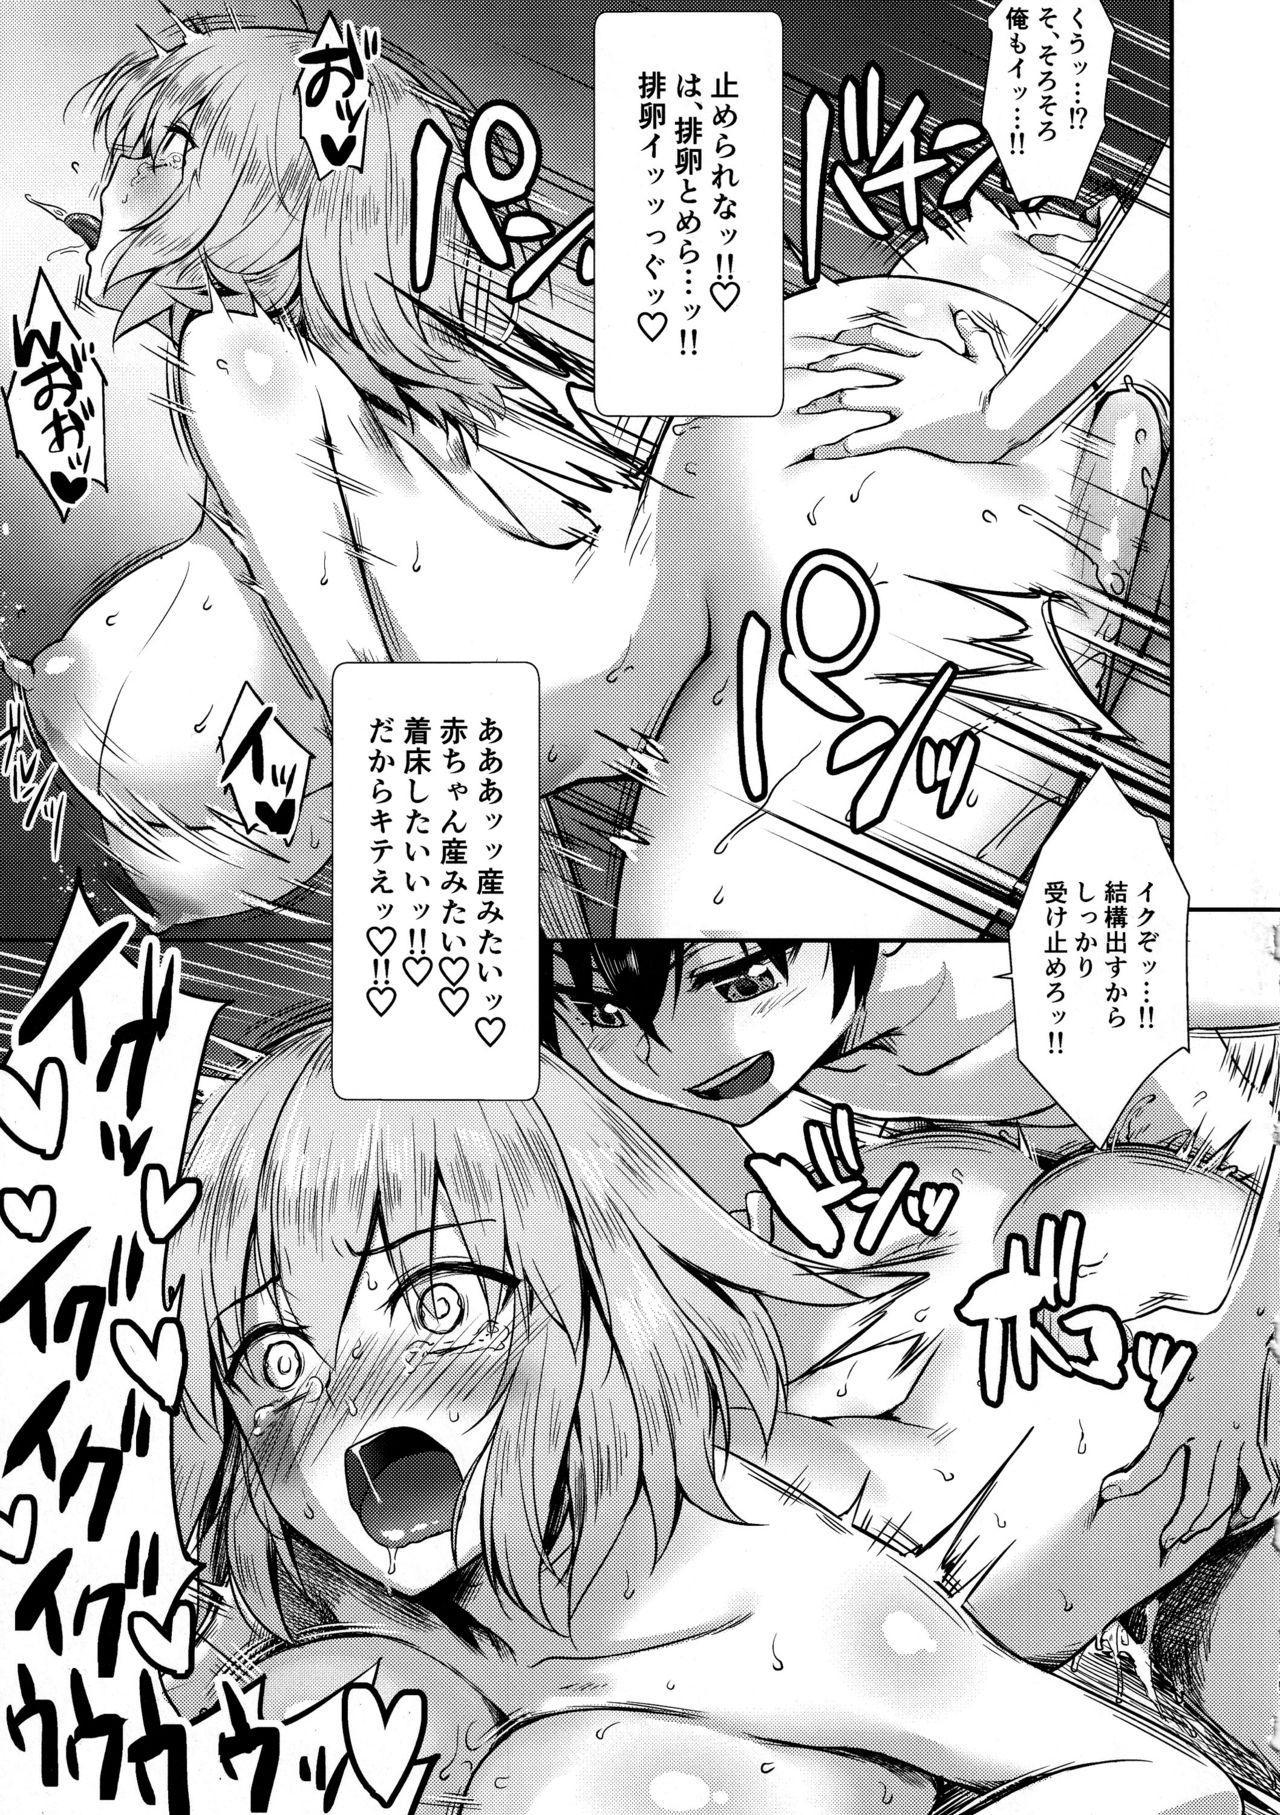 (C97) [Yakiniku Tabetai (Derauea)] Jeanne Alter (32) no Shikyuu Haiboku ~Musuko no Tomodachi ni Tanetsuke o Kongan suru Hitozuma Servant~ (Fate/Grand Order) 12